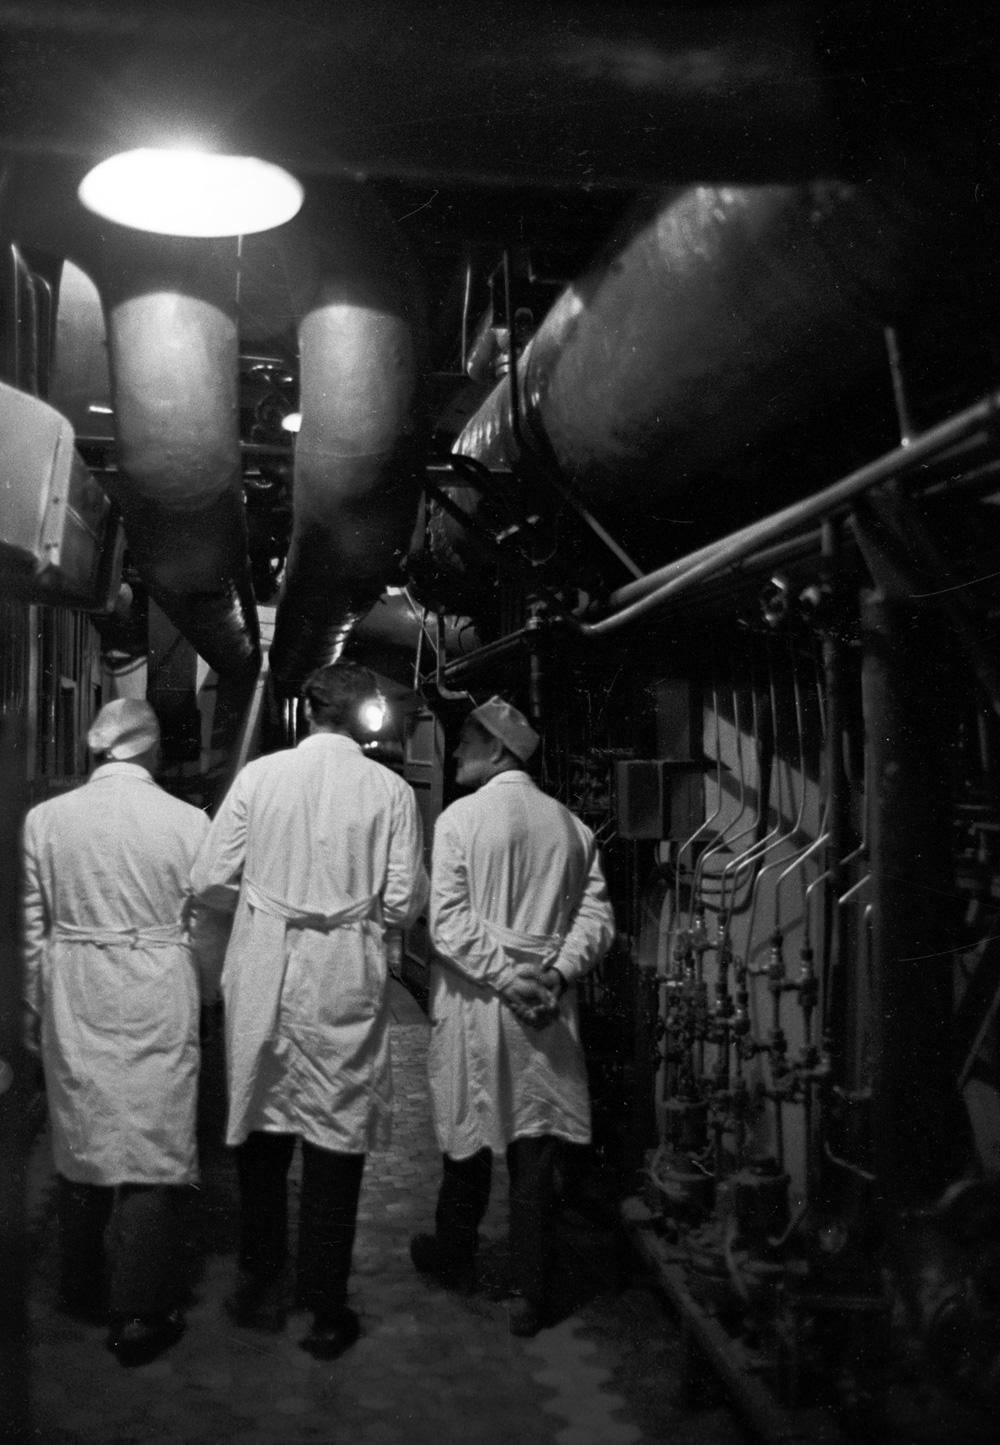 В подземном помещении Обнинской АЭС. 1966 г.